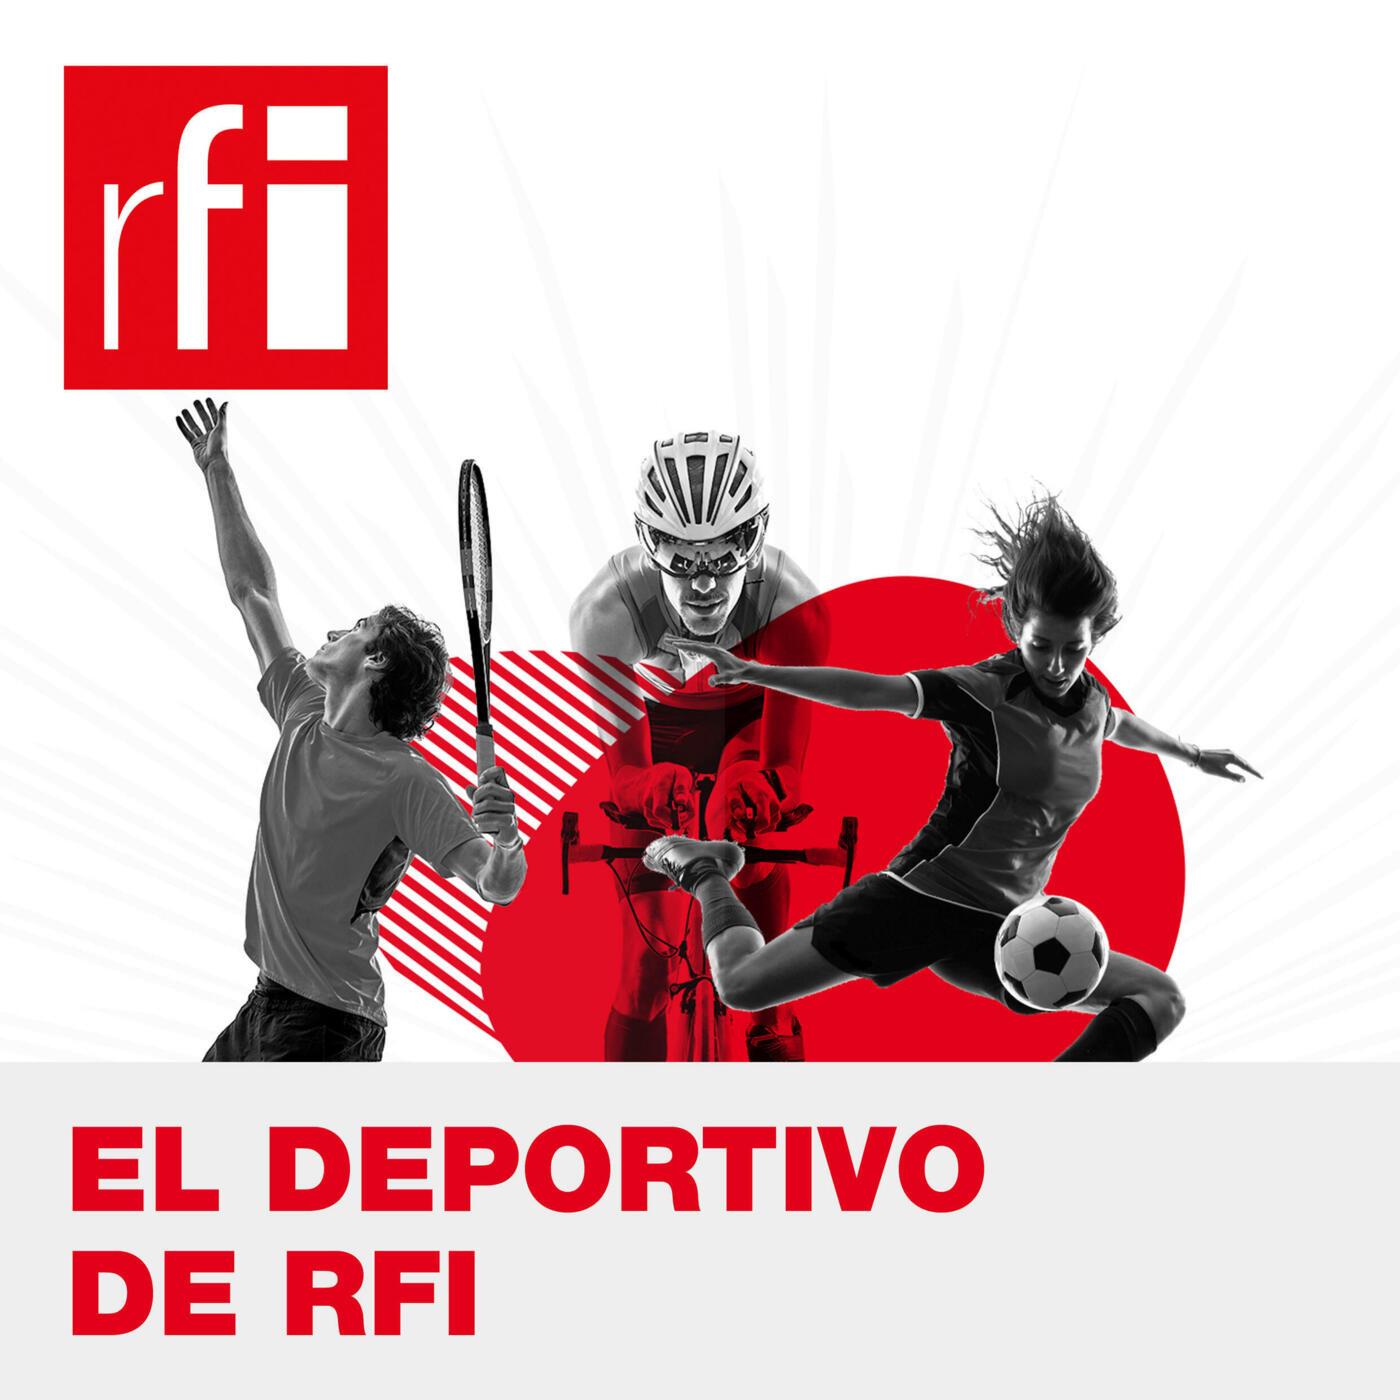 """El Deportivo de RFI - Roland Garros: """"El Peque"""" y """"La Peque"""" se cuelan en los cuartos de final"""